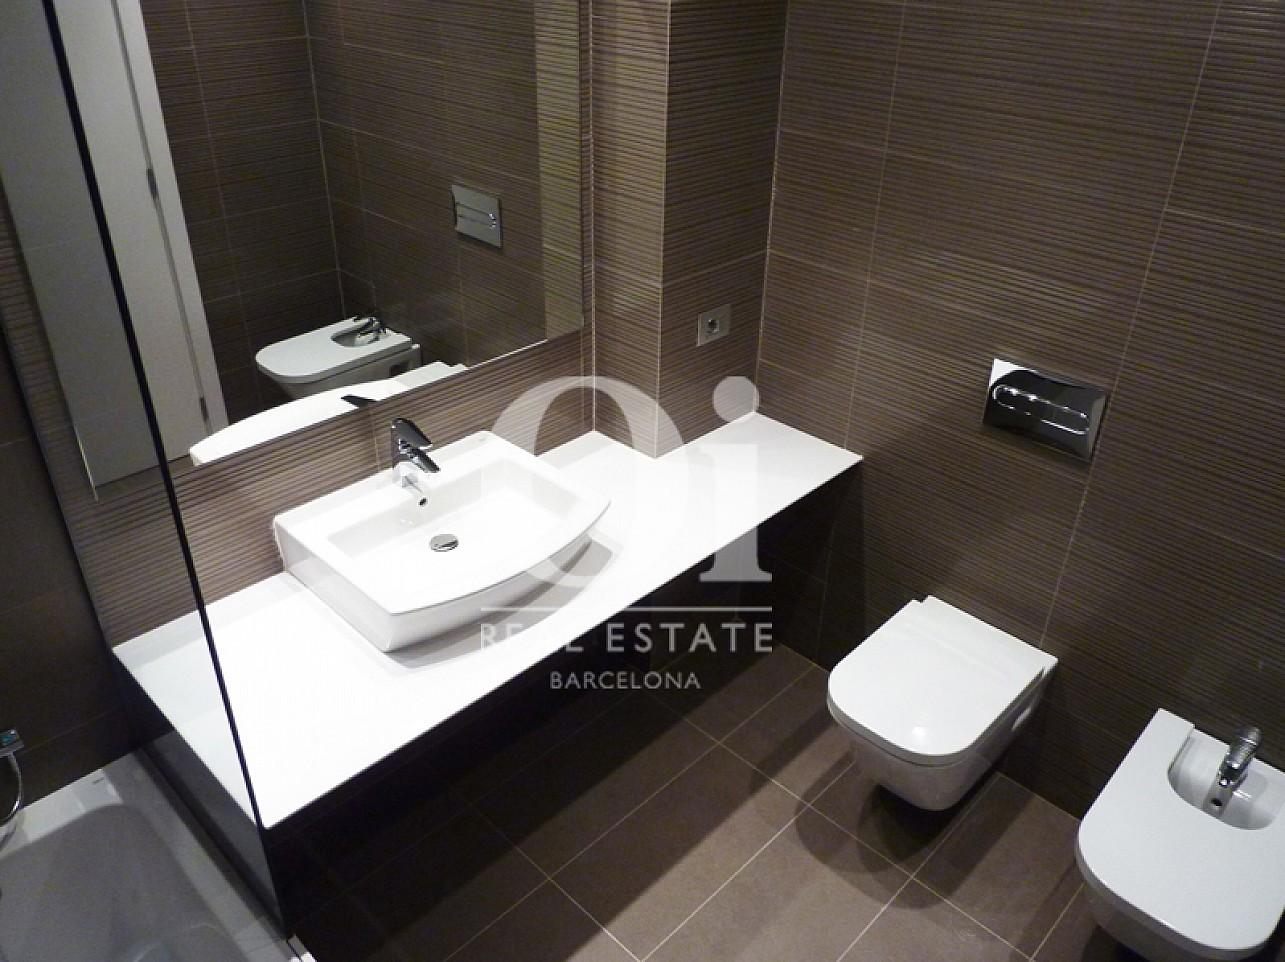 Belle salle de bain complète  dans un appartement en vente dans l'Eixample de Barcelone